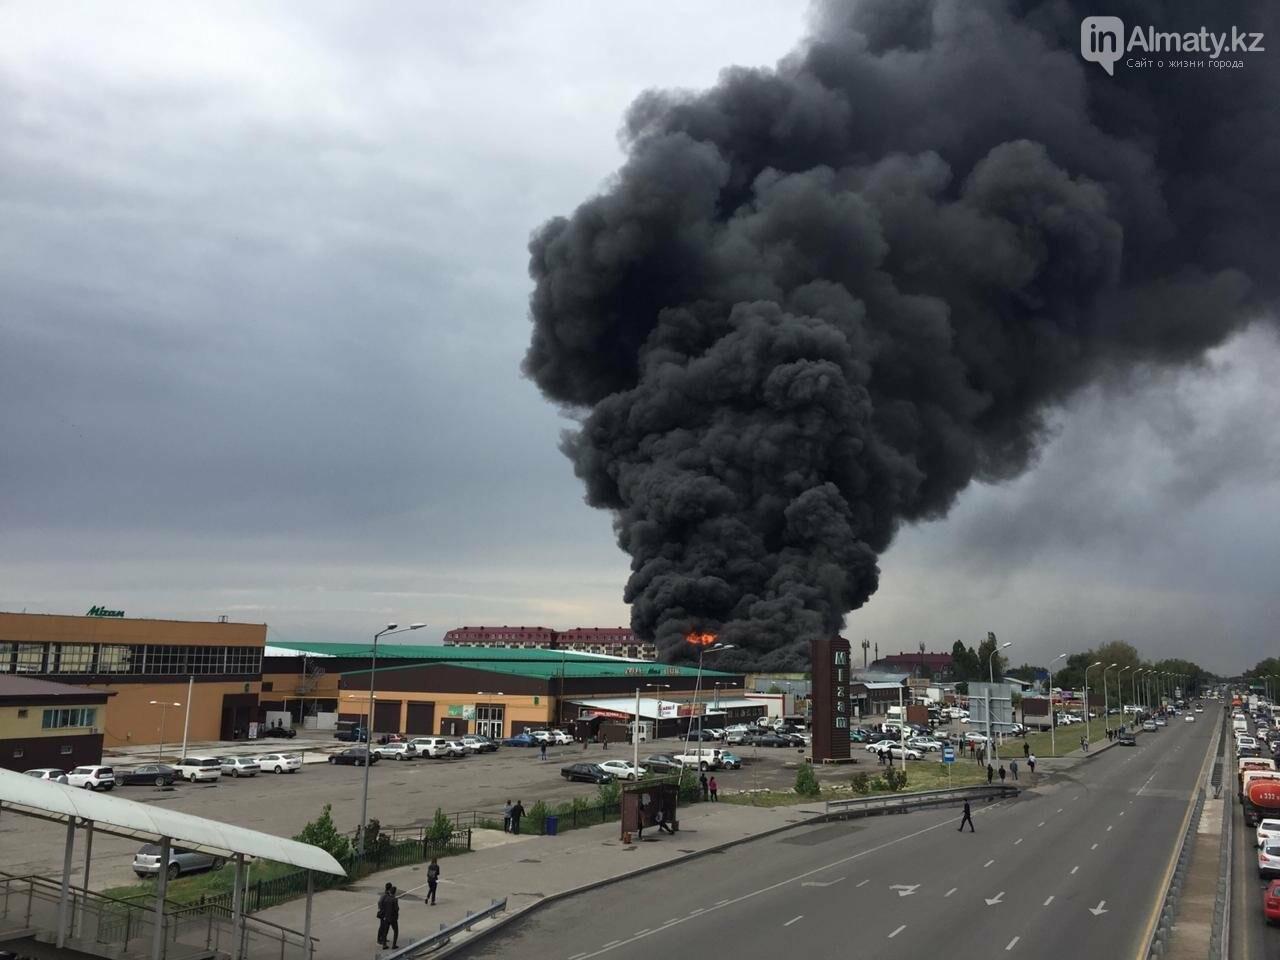 Склад горит на рынке в Алматы, фото-3